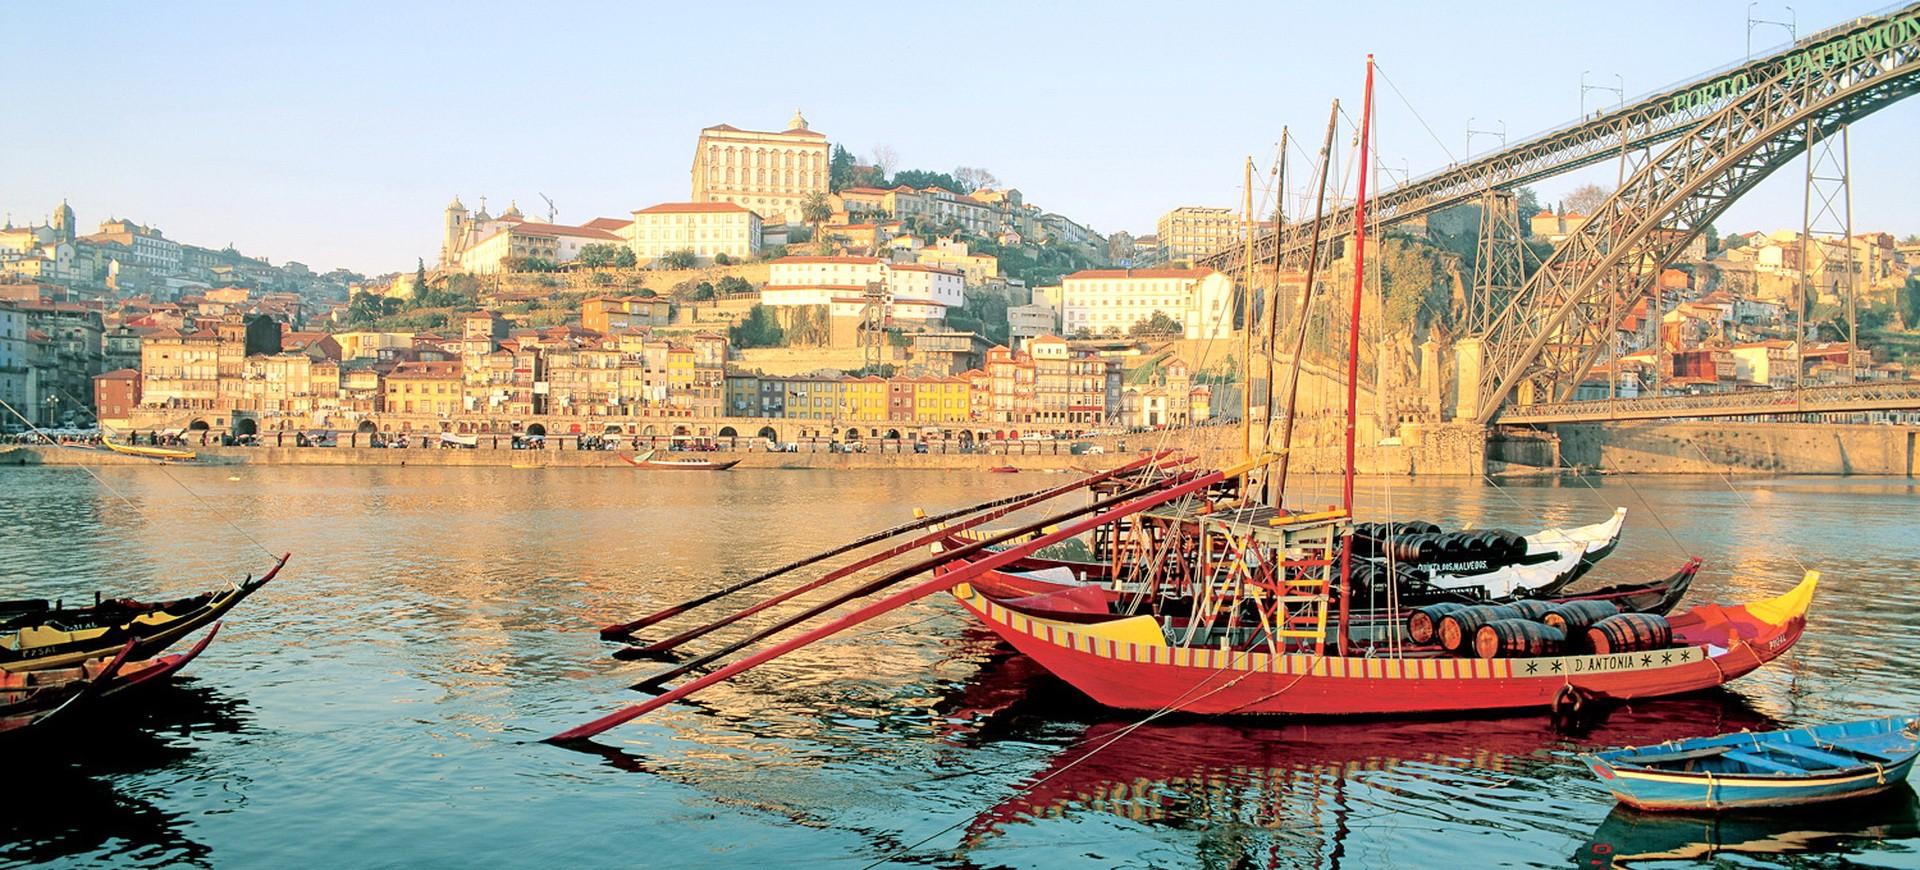 Bateau traditionnel sous un Pont au Porto